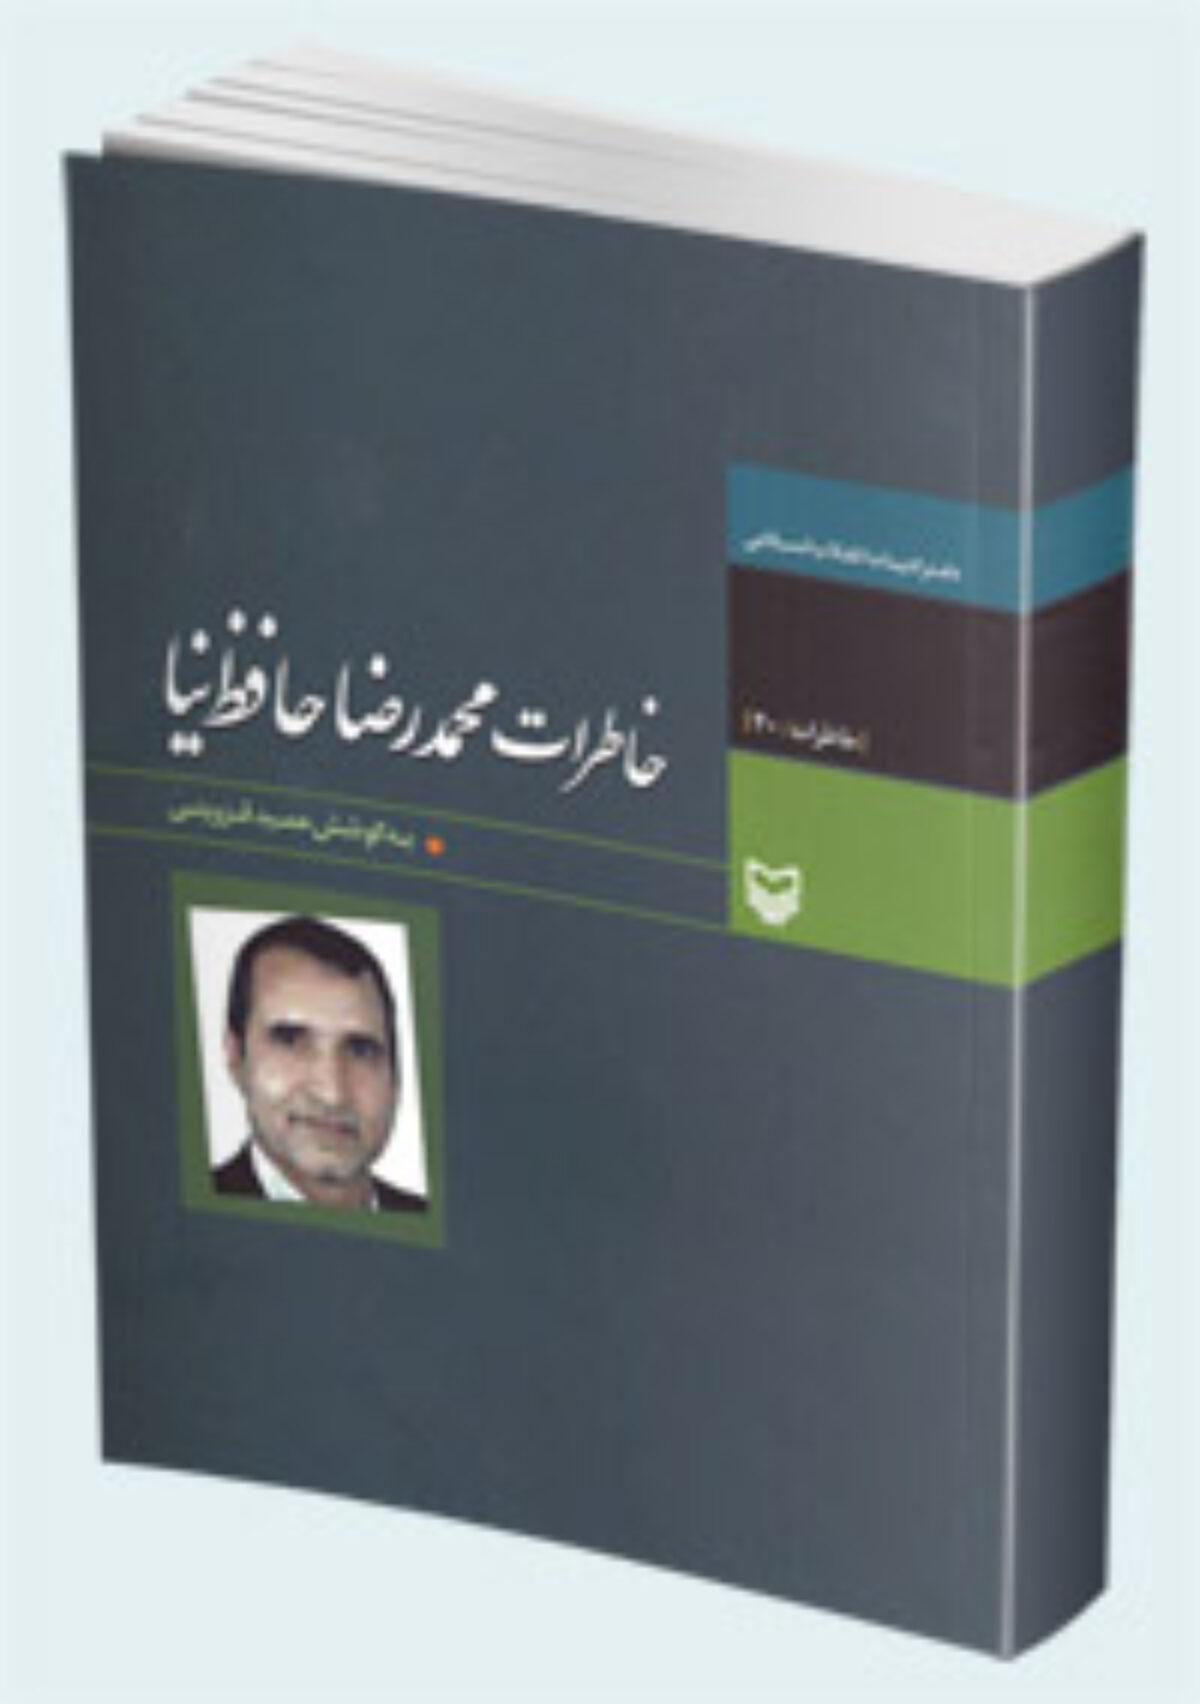 """کتاب خاطرات """"محمدرضا حافظ نیا"""" منتشر شد"""